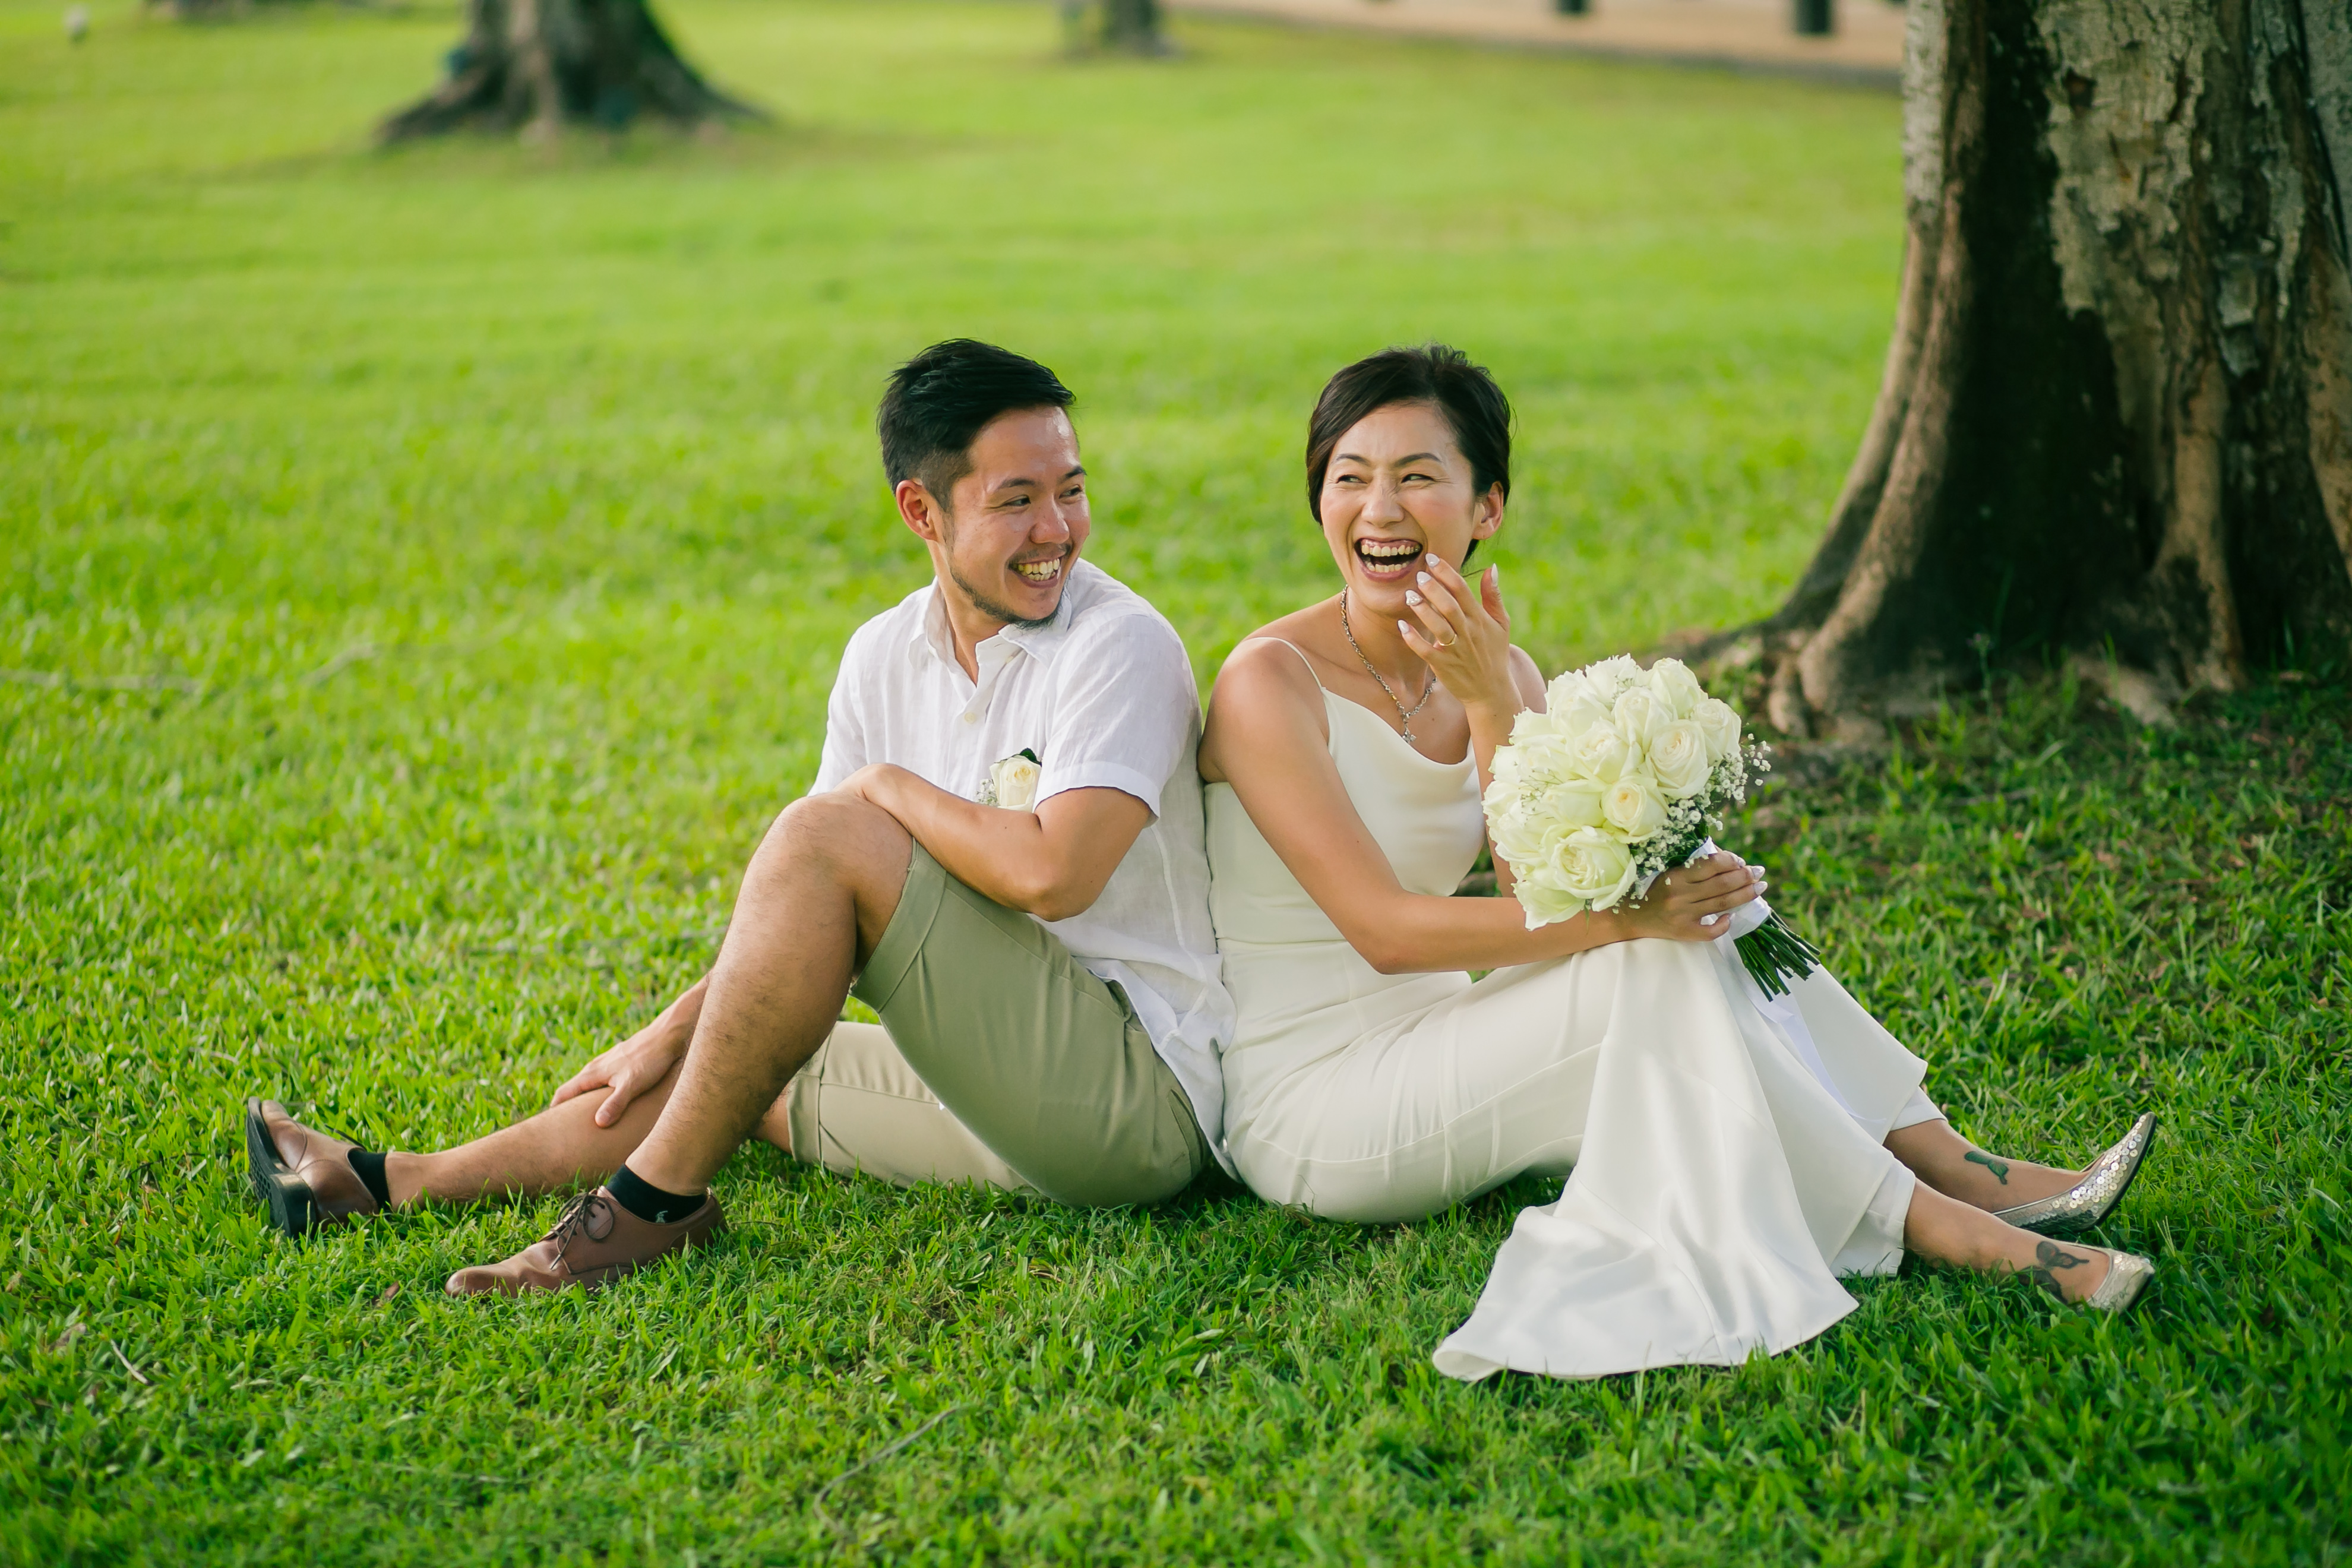 マレーシア、マレーシアウェディング、コタキナバル、サバ州、海外ウェディング、リゾートウェディング、ガーデンウェディング、アジア、挙式、家族